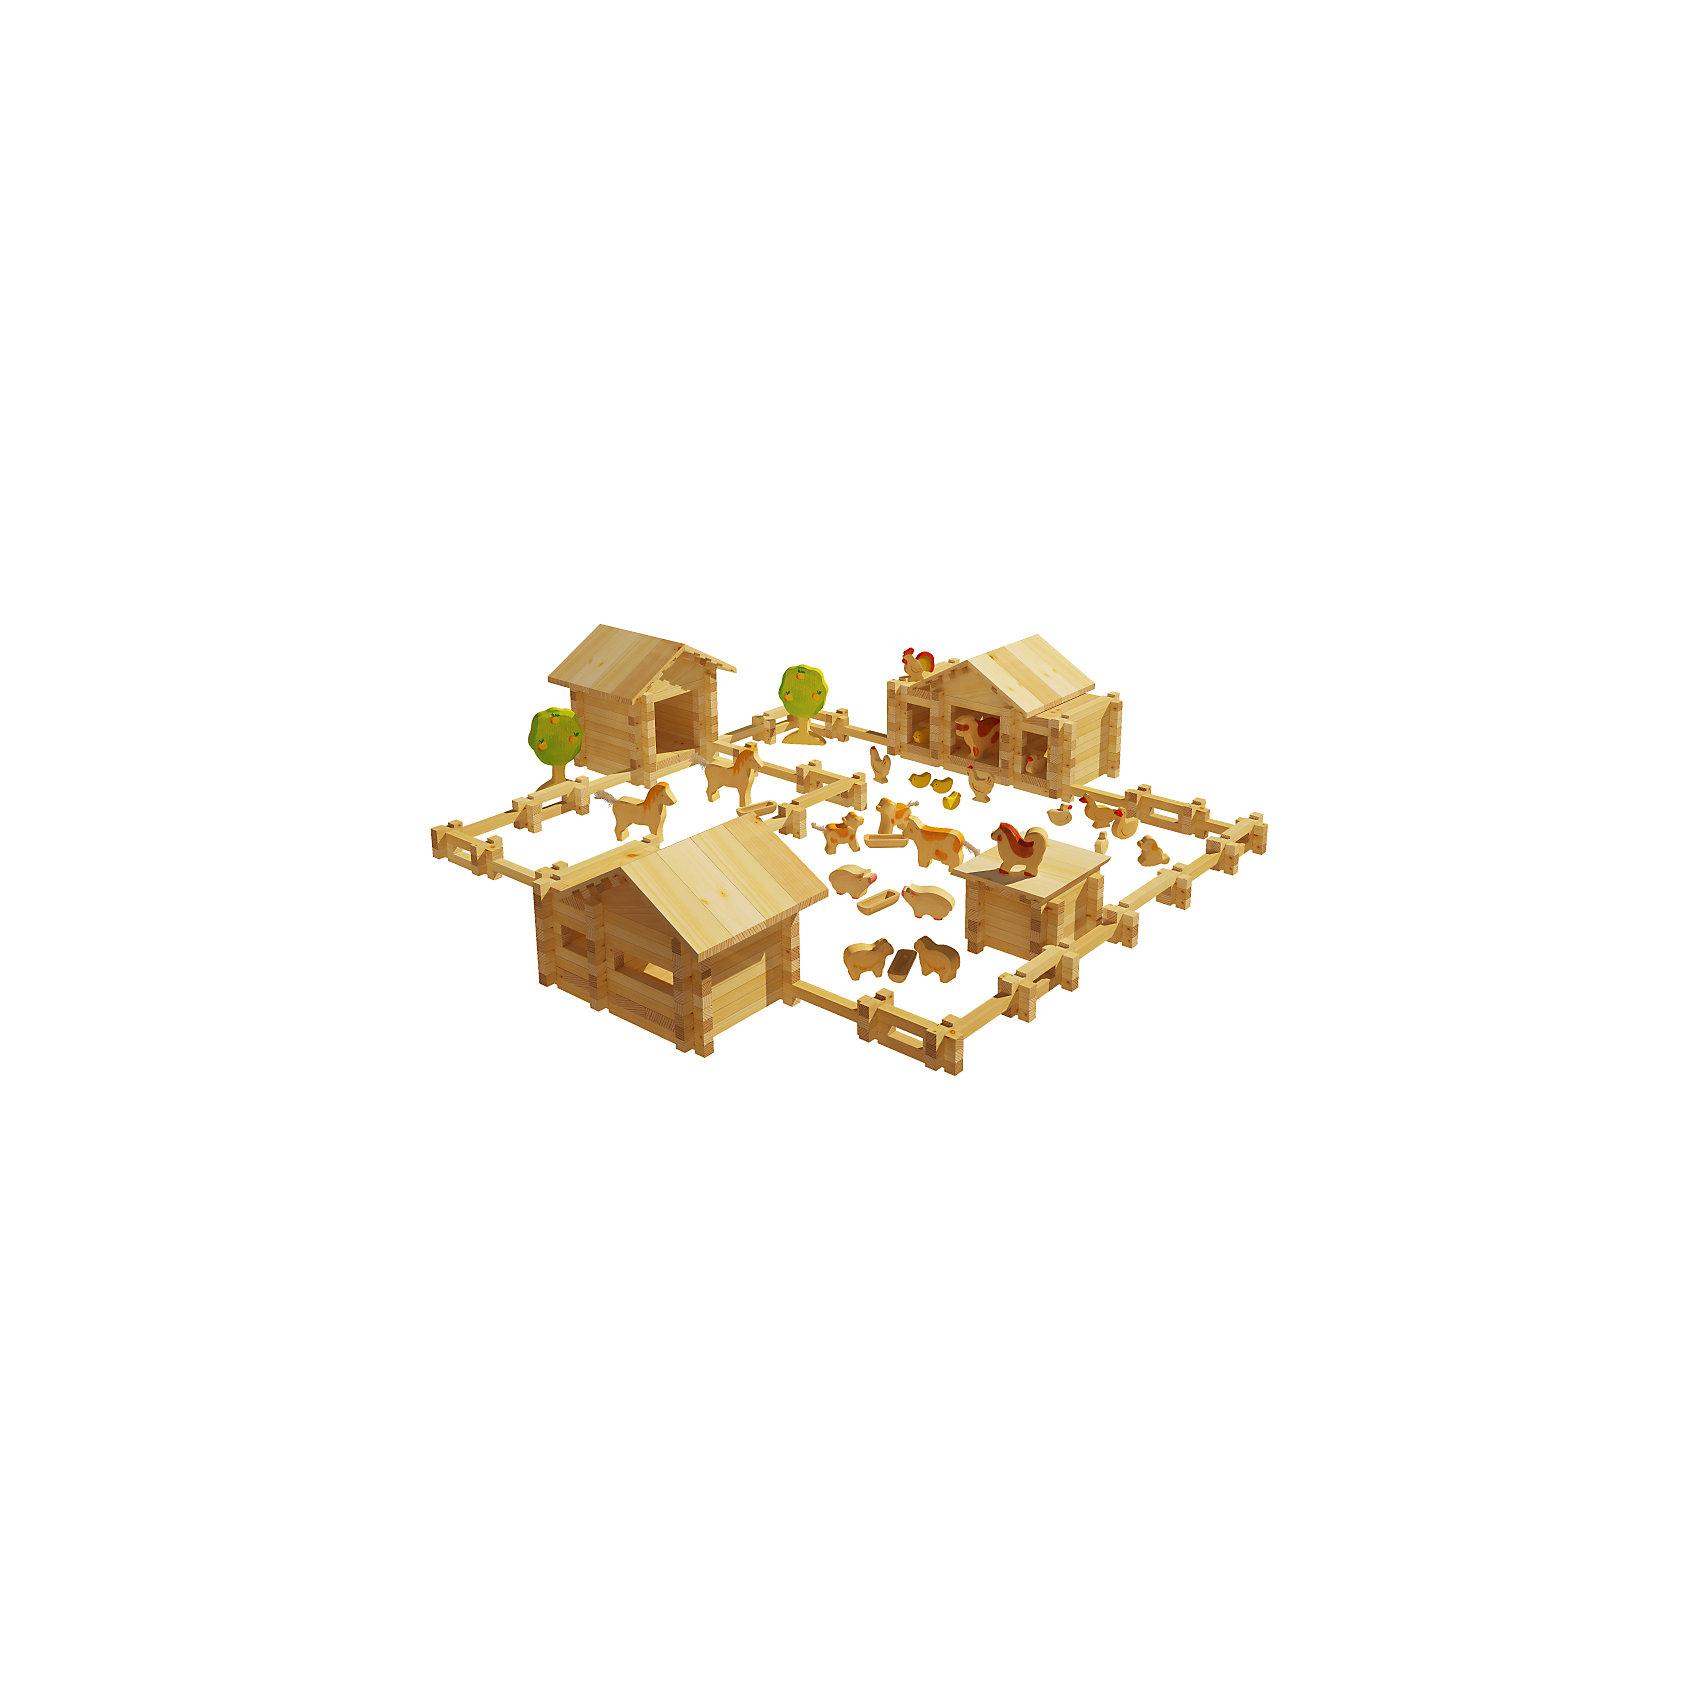 Конструктор Солнечная ферма №5, 451 деталей, ЛЕСОВИЧОКДеревянные конструкторы<br>Конструктор Солнечная ферма №5, 451 деталей, ЛЕСОВИЧОК<br><br>Характеристики:<br><br>• можно собрать миниатюрную модель настоящей фермы<br>• подробная инструкция в комплекте<br>• материал: дерево<br>• количество деталей: 451<br>• размер упаковки: 8х42х29,5 см<br>• вес: 2275 грамм<br><br>Конструктор Солнечная ферма №5 придется по вкусу начинающим архитекторам. Из 451 детали ребенок сможет собрать миниатюрную копию настоящей фермы с загоном и животными. Конструктор №5 дополнен деревьями и дополнительными постройками. Все детали легко соединяются друг с другом и подходят к другим наборам Солнечная ферма. Детали выполнены из дерева, что делает их полностью безопасными для ребенка. Подробная инструкция поможет не ошибиться в процессе сборки. Конструктор помогает развить моторику рук, внимательность и мелкую моторику.<br><br>Конструктор Солнечная ферма №5, 451 деталей, ЛЕСОВИЧОК вы можете купить в нашем интернет-магазине.<br><br>Ширина мм: 295<br>Глубина мм: 420<br>Высота мм: 80<br>Вес г: 2275<br>Возраст от месяцев: 36<br>Возраст до месяцев: 2147483647<br>Пол: Унисекс<br>Возраст: Детский<br>SKU: 5510778